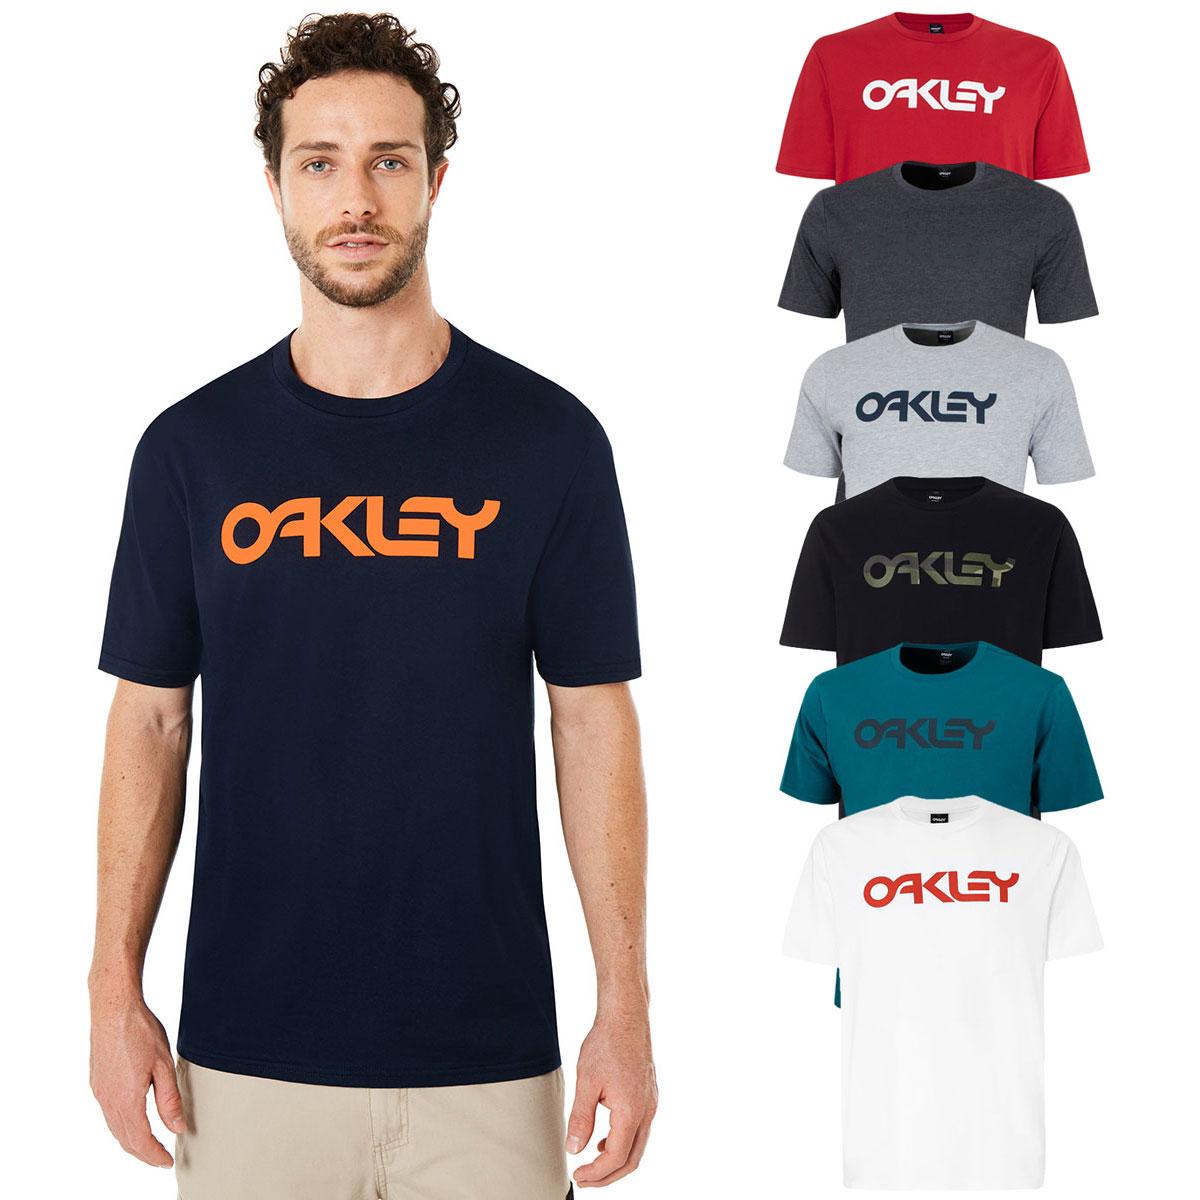 Details about Oakley Mens Mark II Crew Neck Regular Fit Lightweight T-Shirt  25% OFF RRP 8691e15605fd